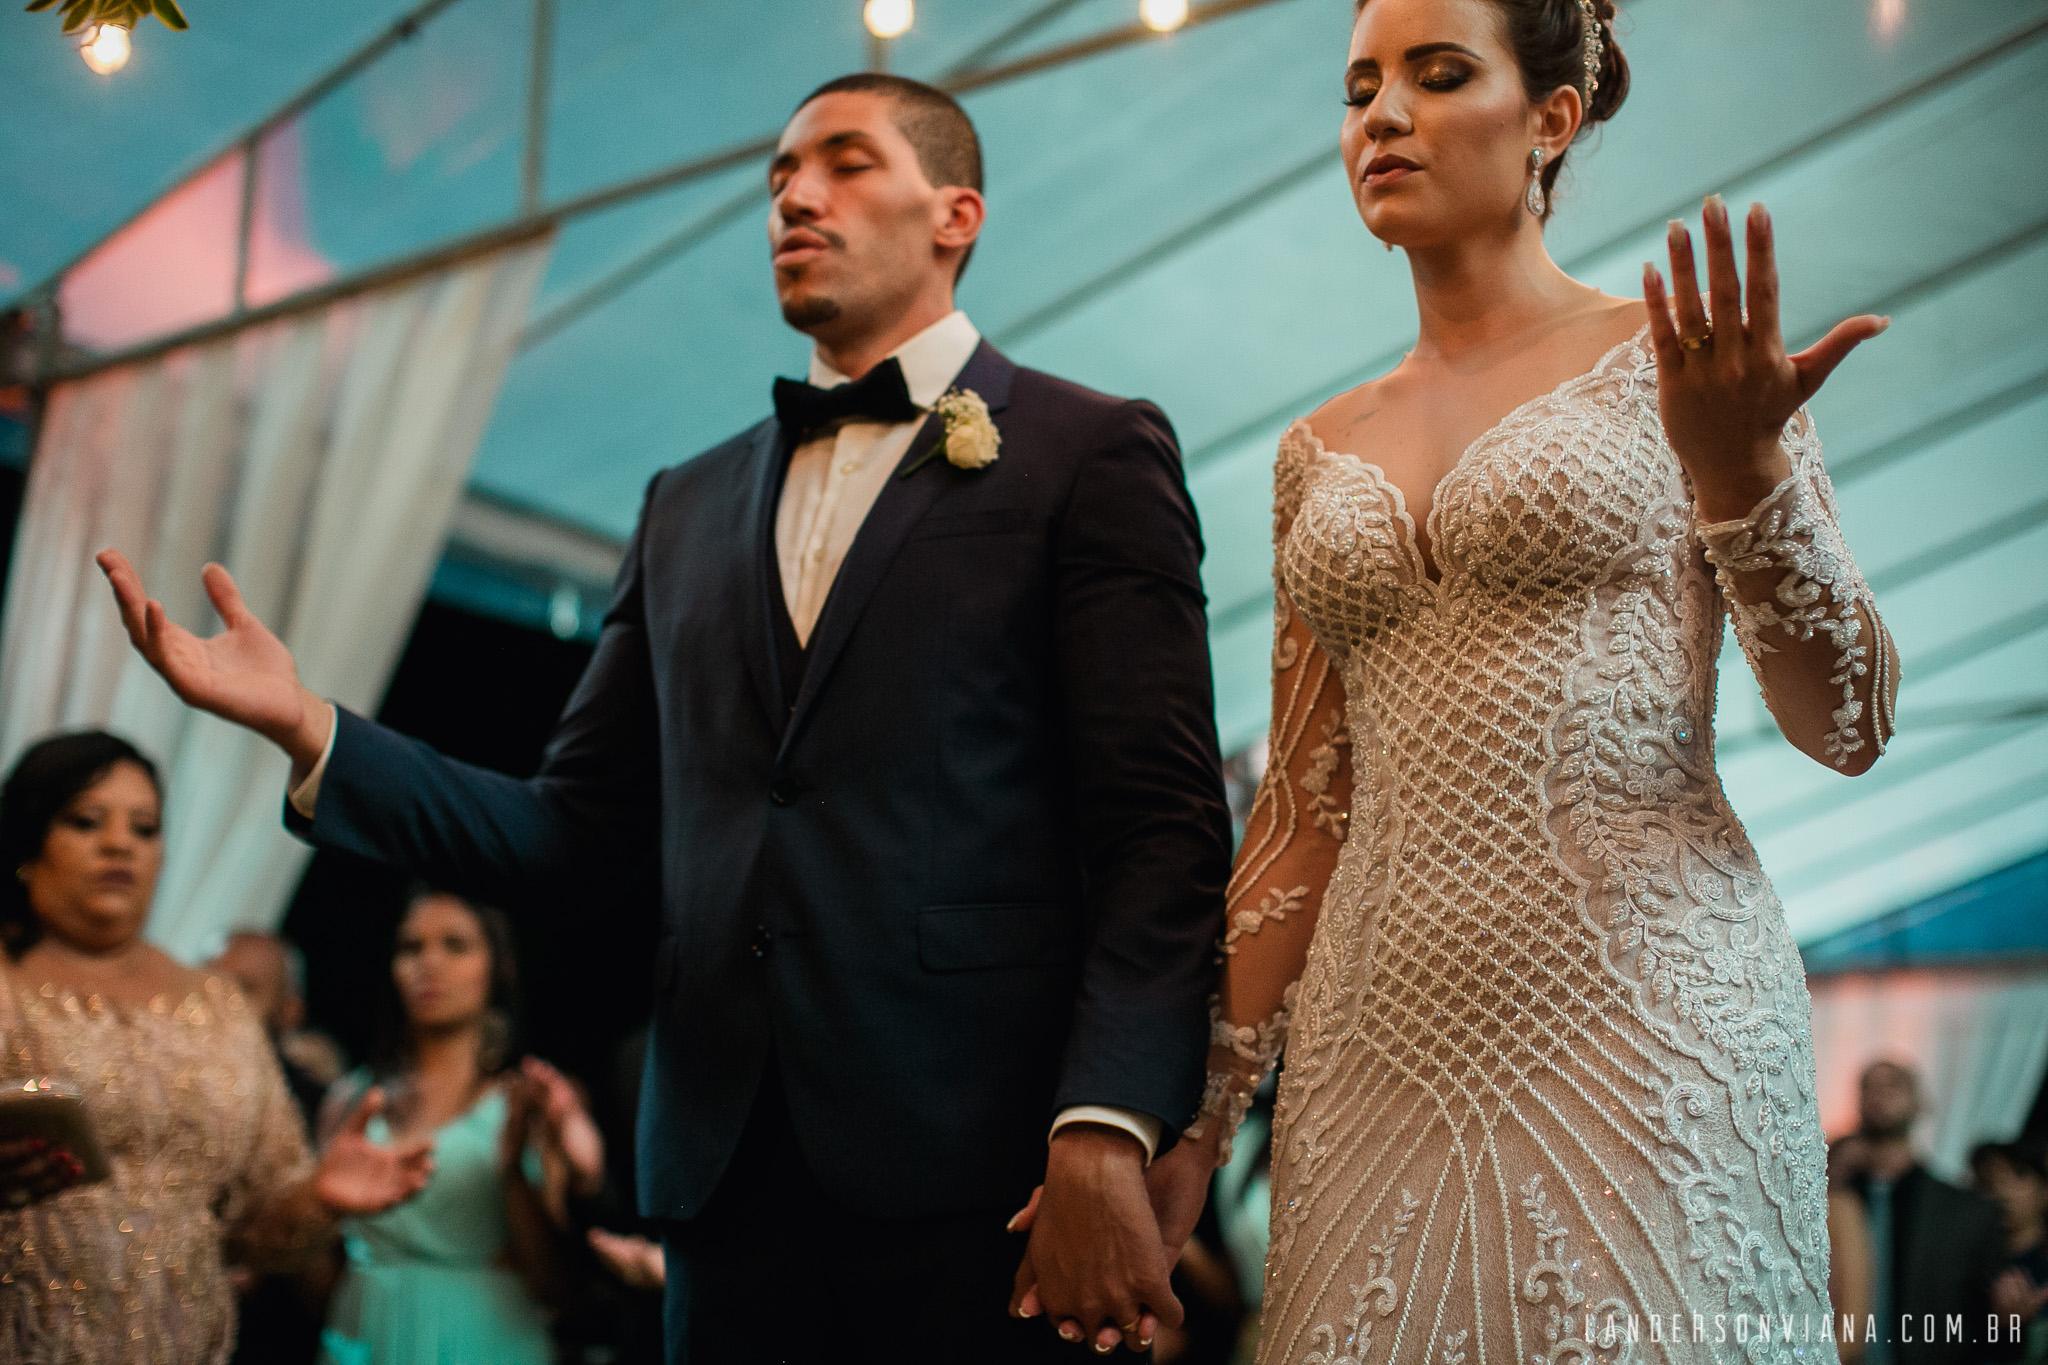 casamento_ar_livre_festa_jessica_raphael-25.jpg